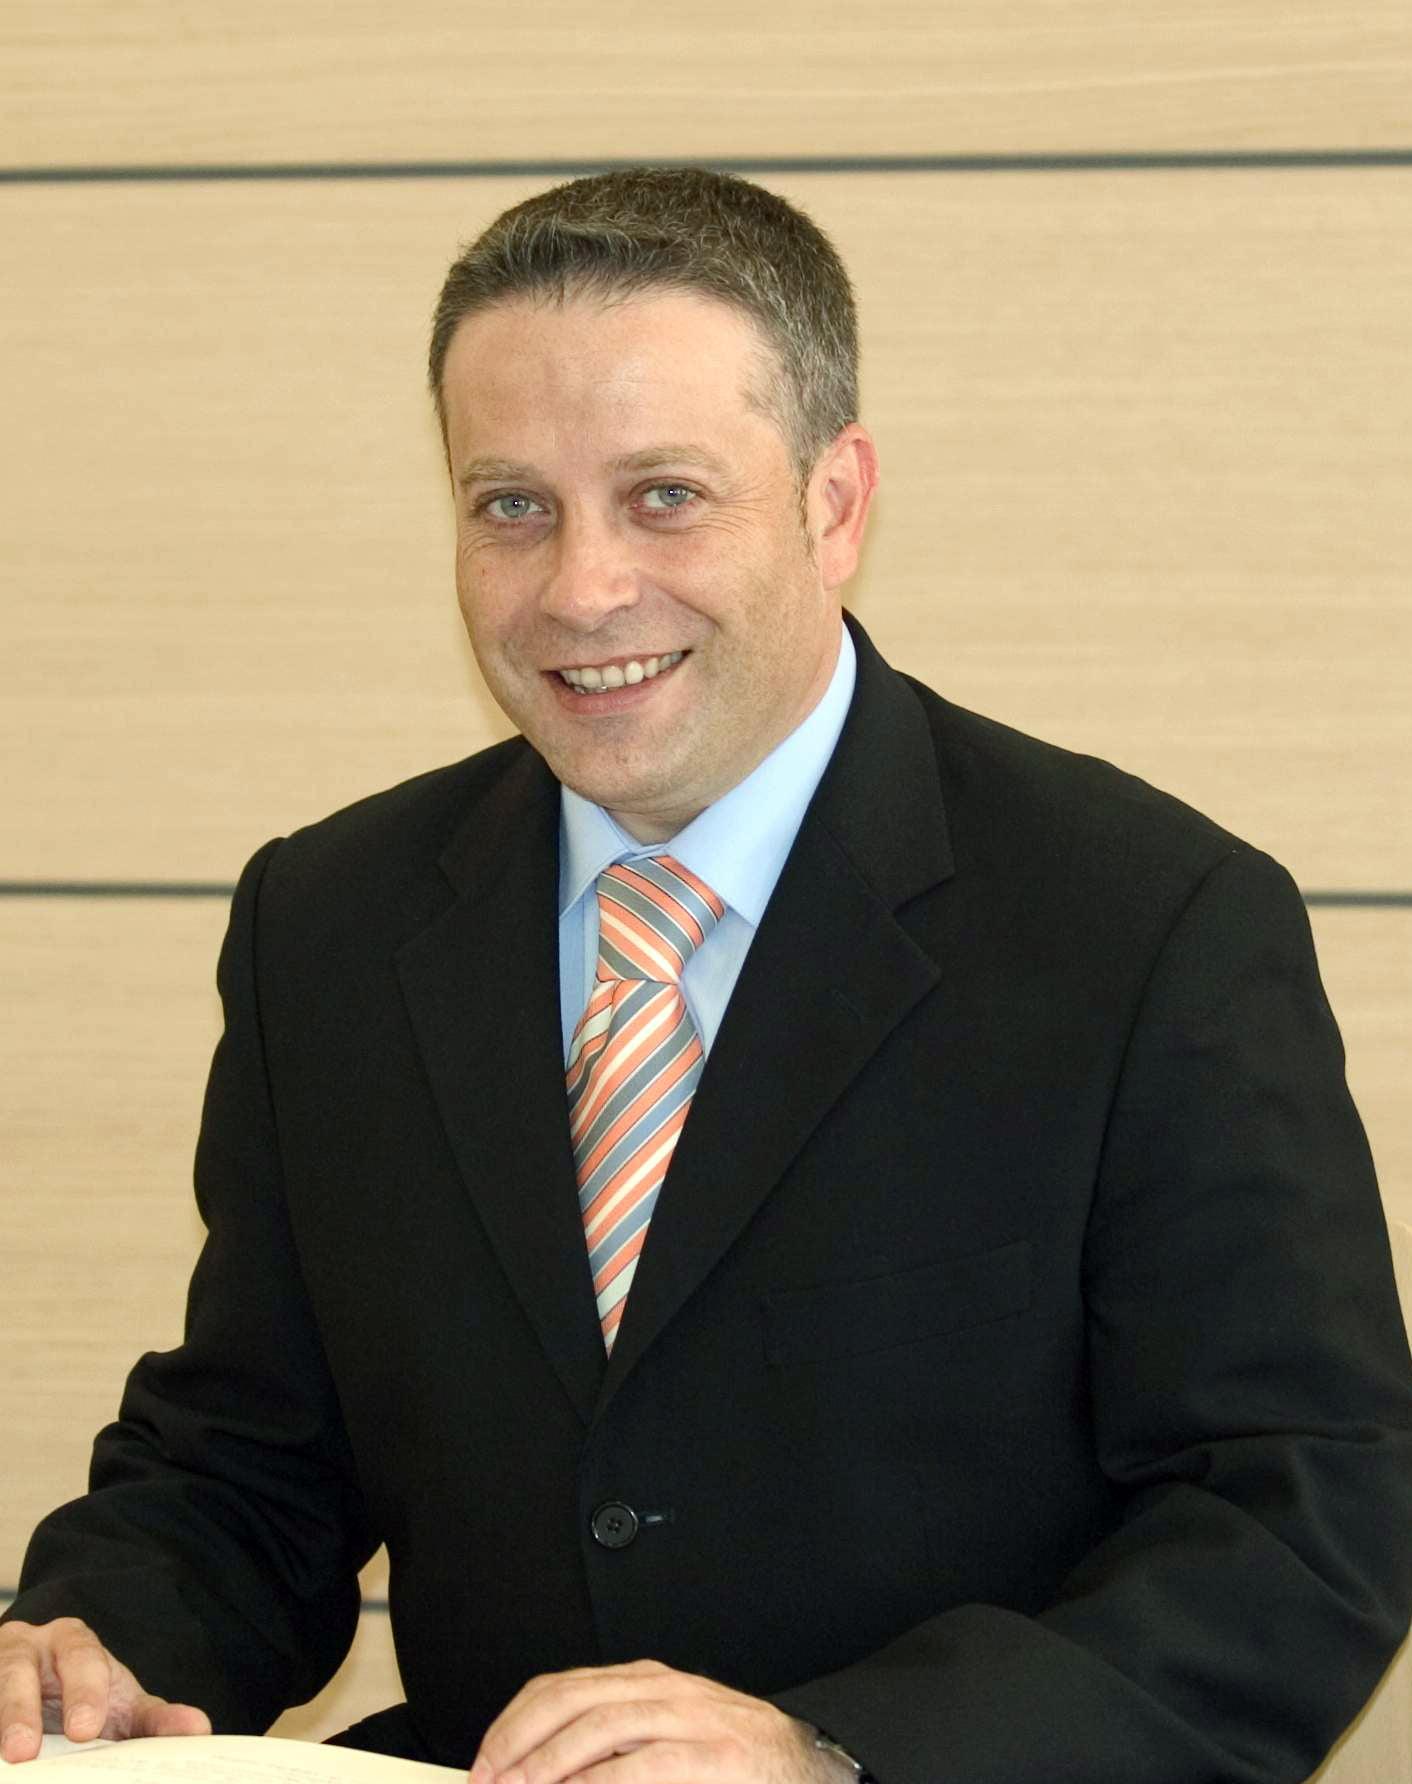 Emilio Muñoz García Alcalde de Alfafar desde 2004